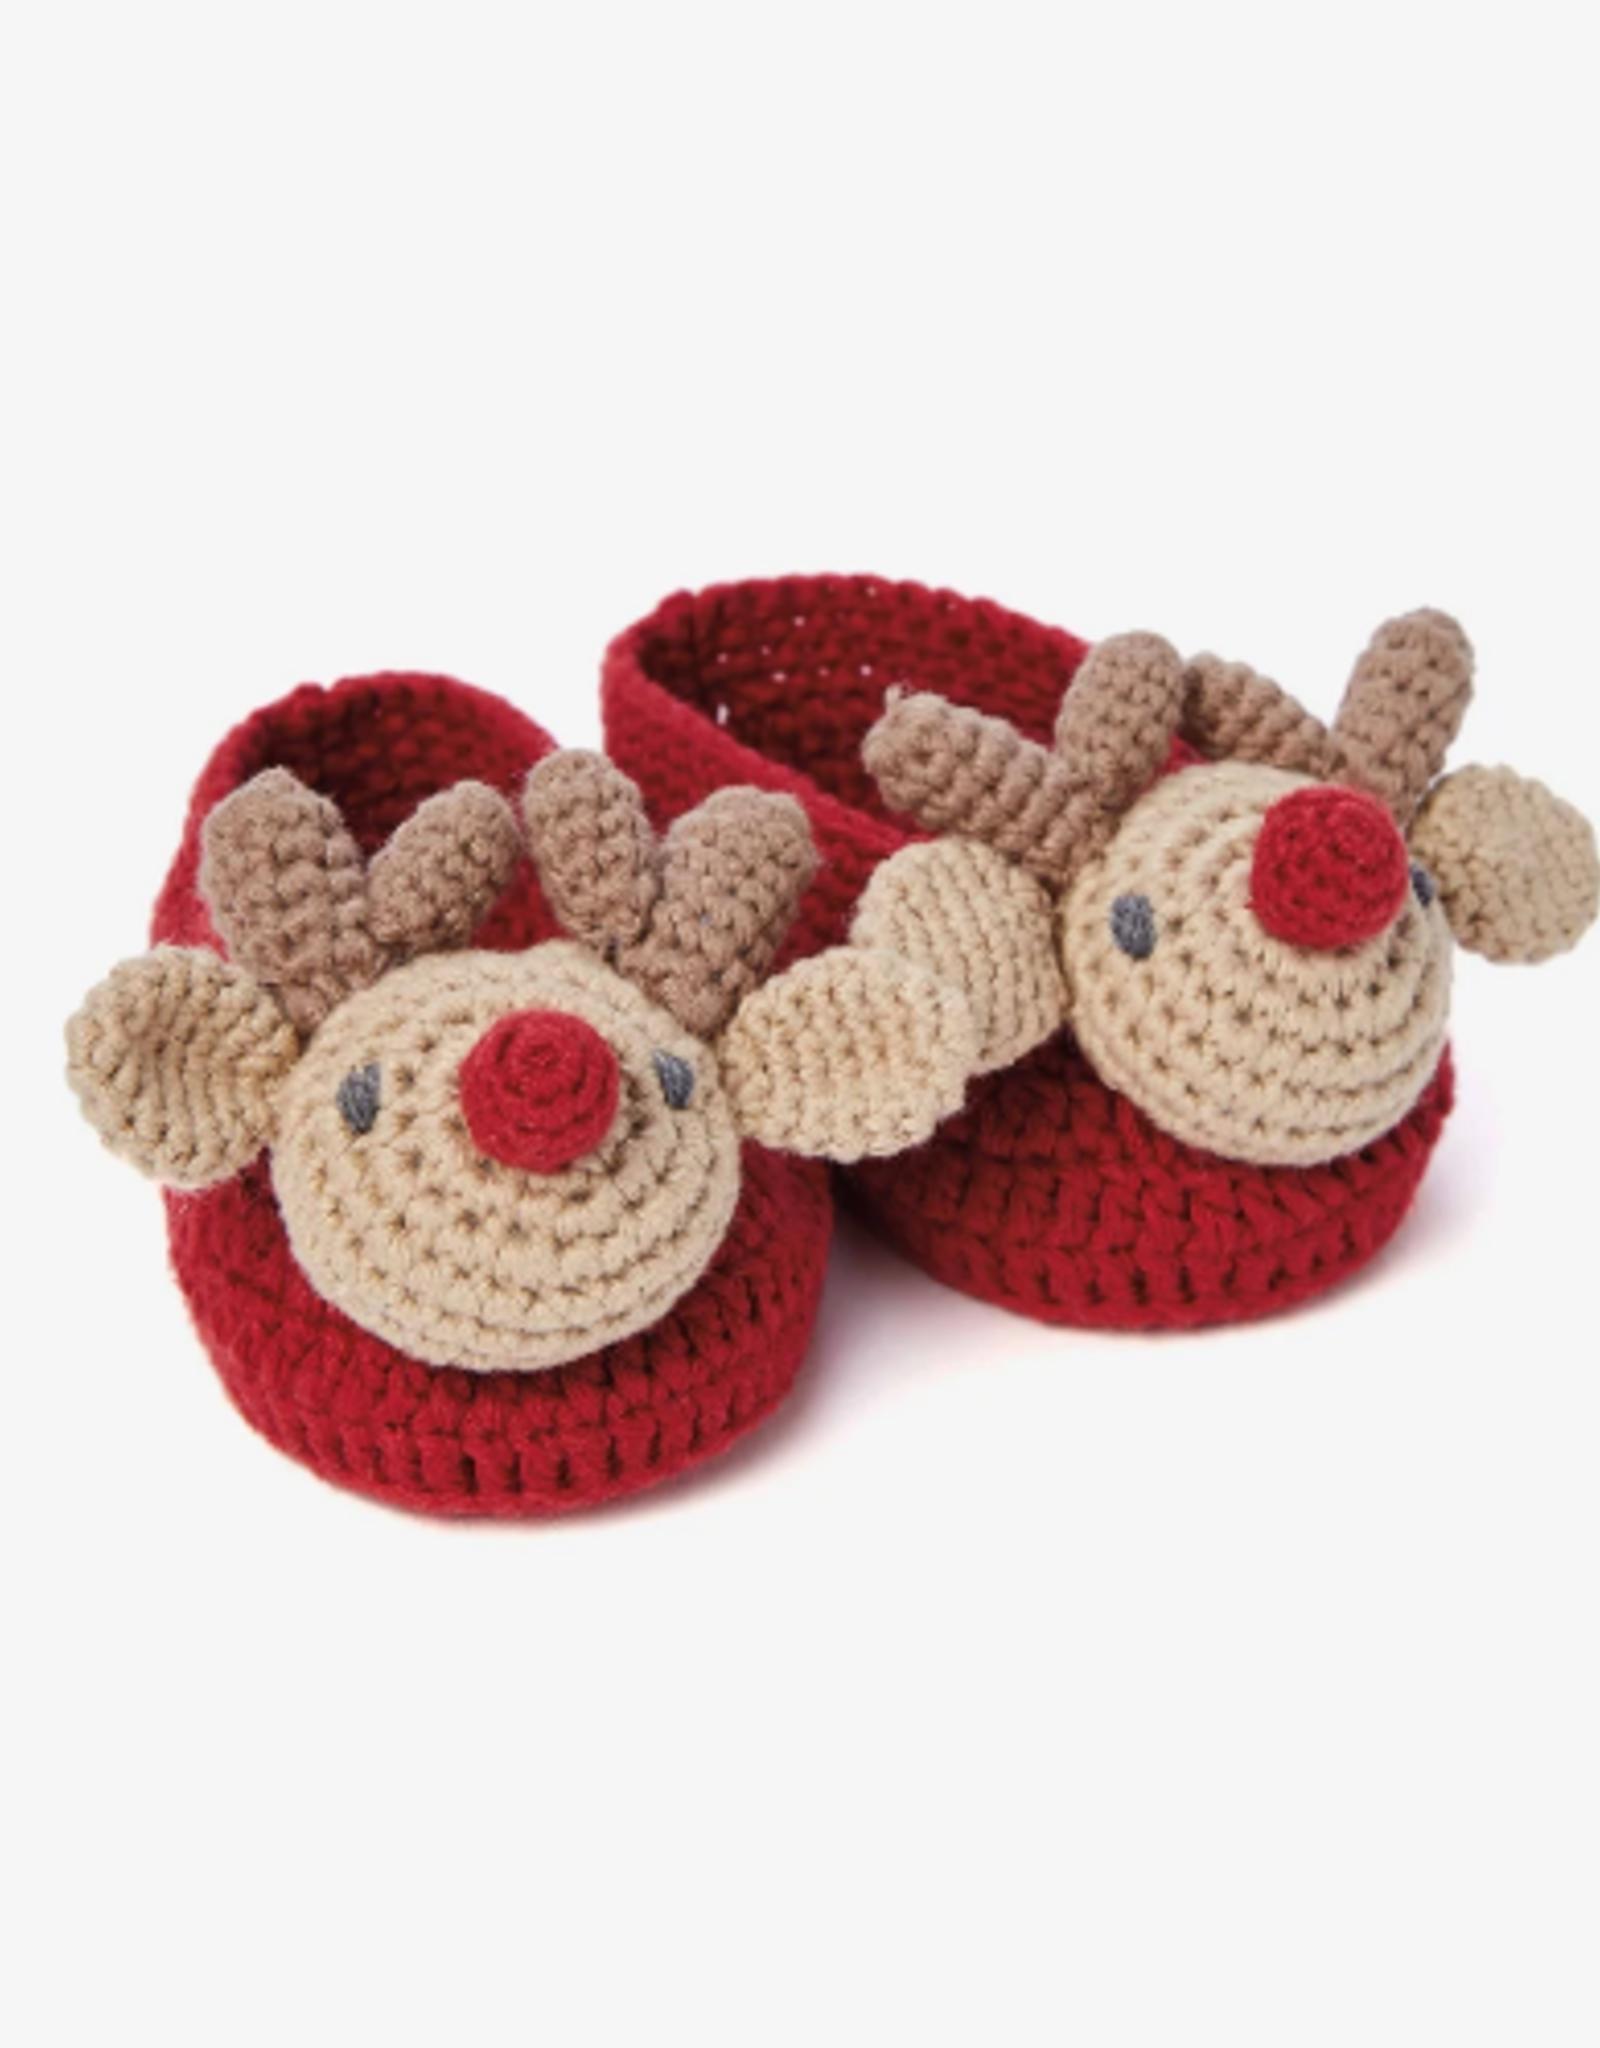 Reindeer Crocheted Booties